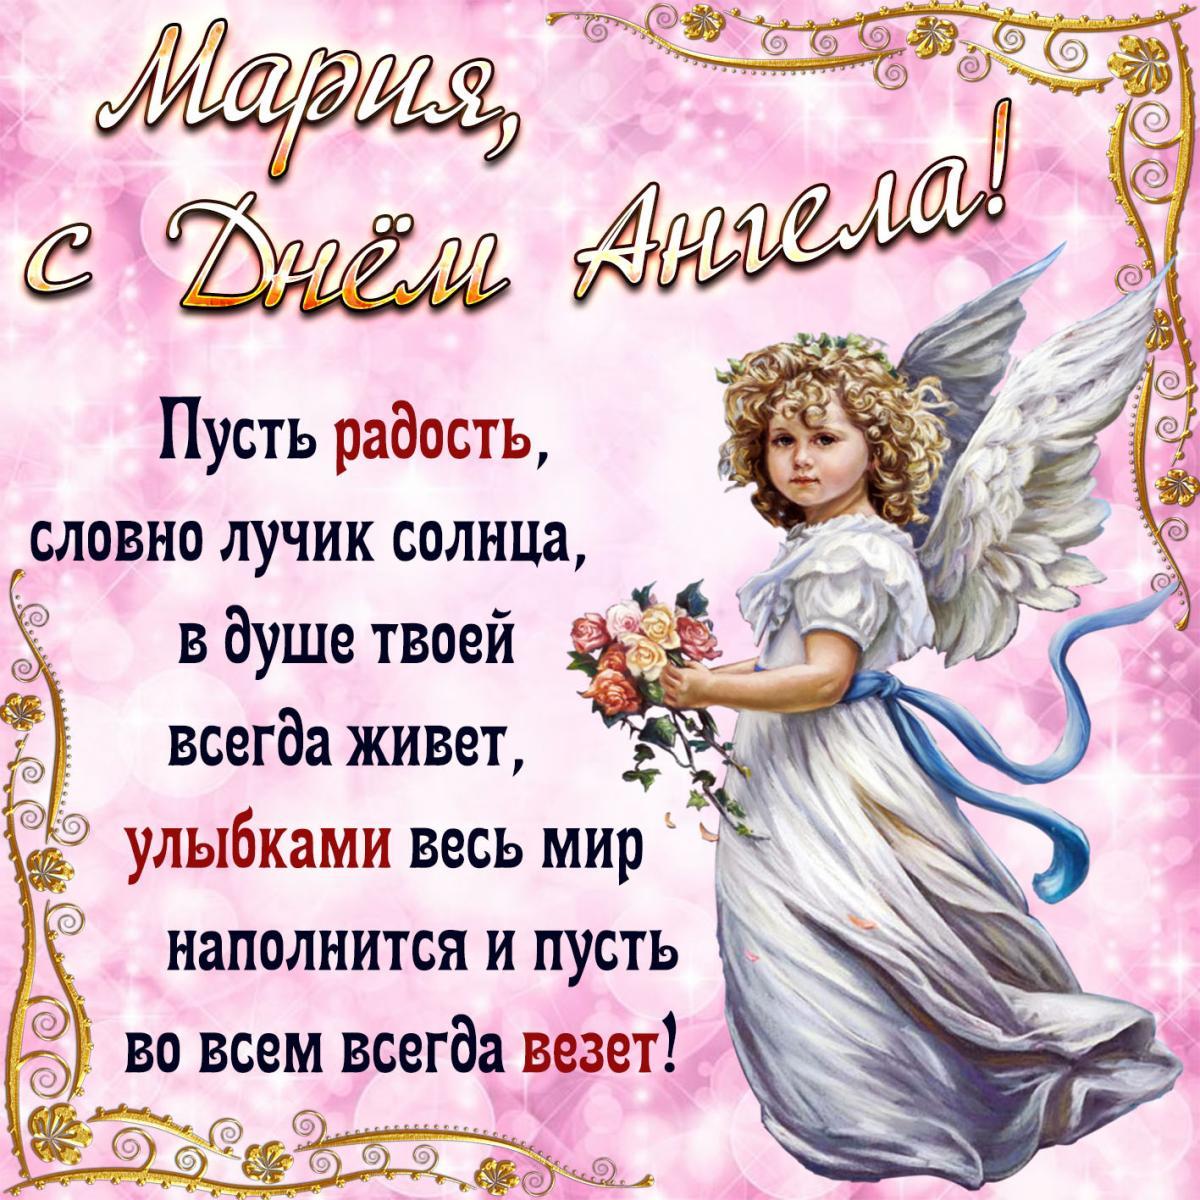 8 января праздник / фото bonnycards.ru